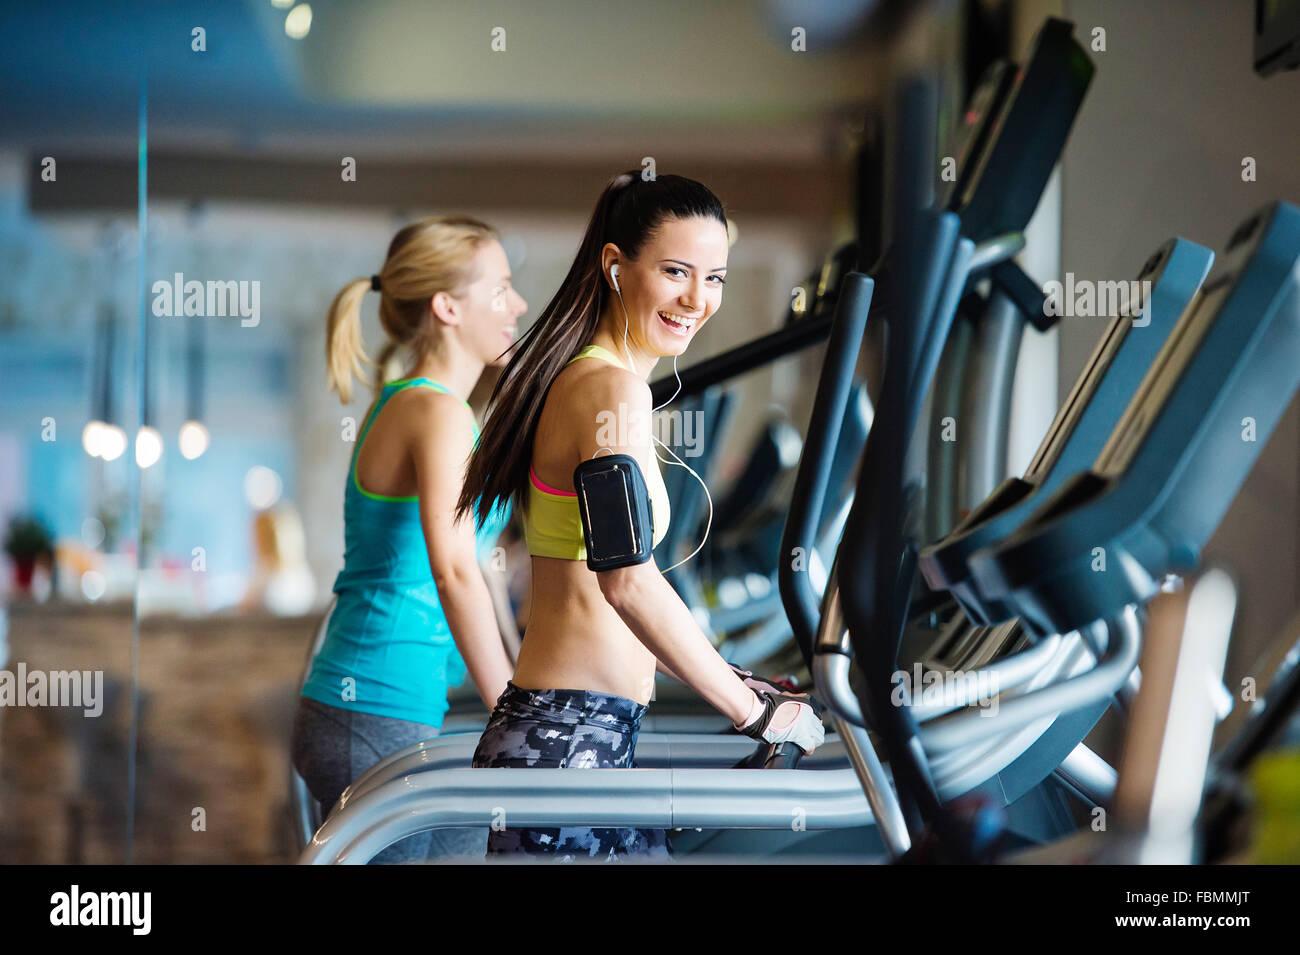 Belles femmes dans une salle de sport Photo Stock